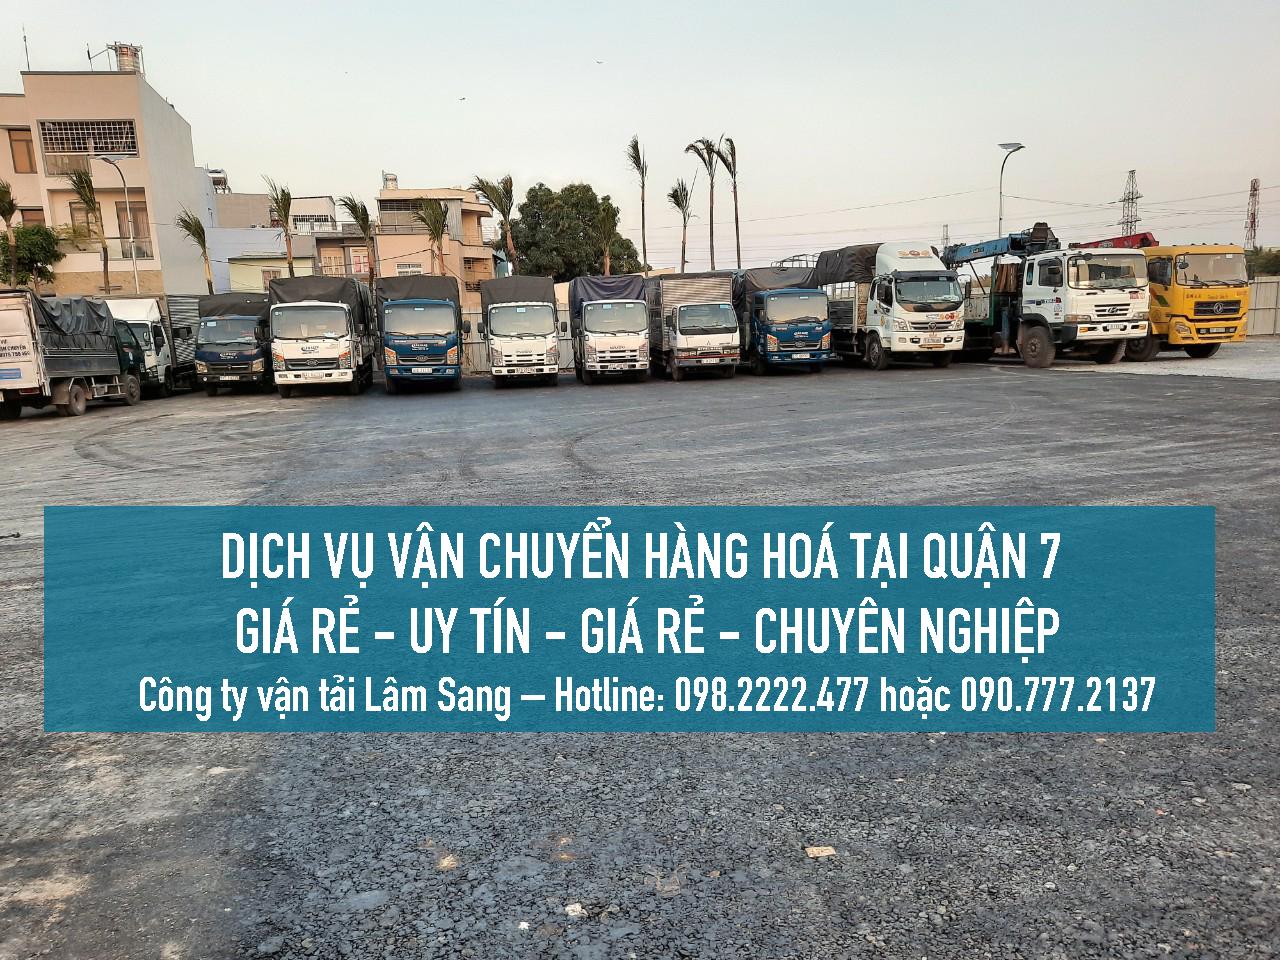 Xe tải nhỏ chở hàng Quận 7 - giá rẻ và uy tín tại công ty vận tải Lâm Sang